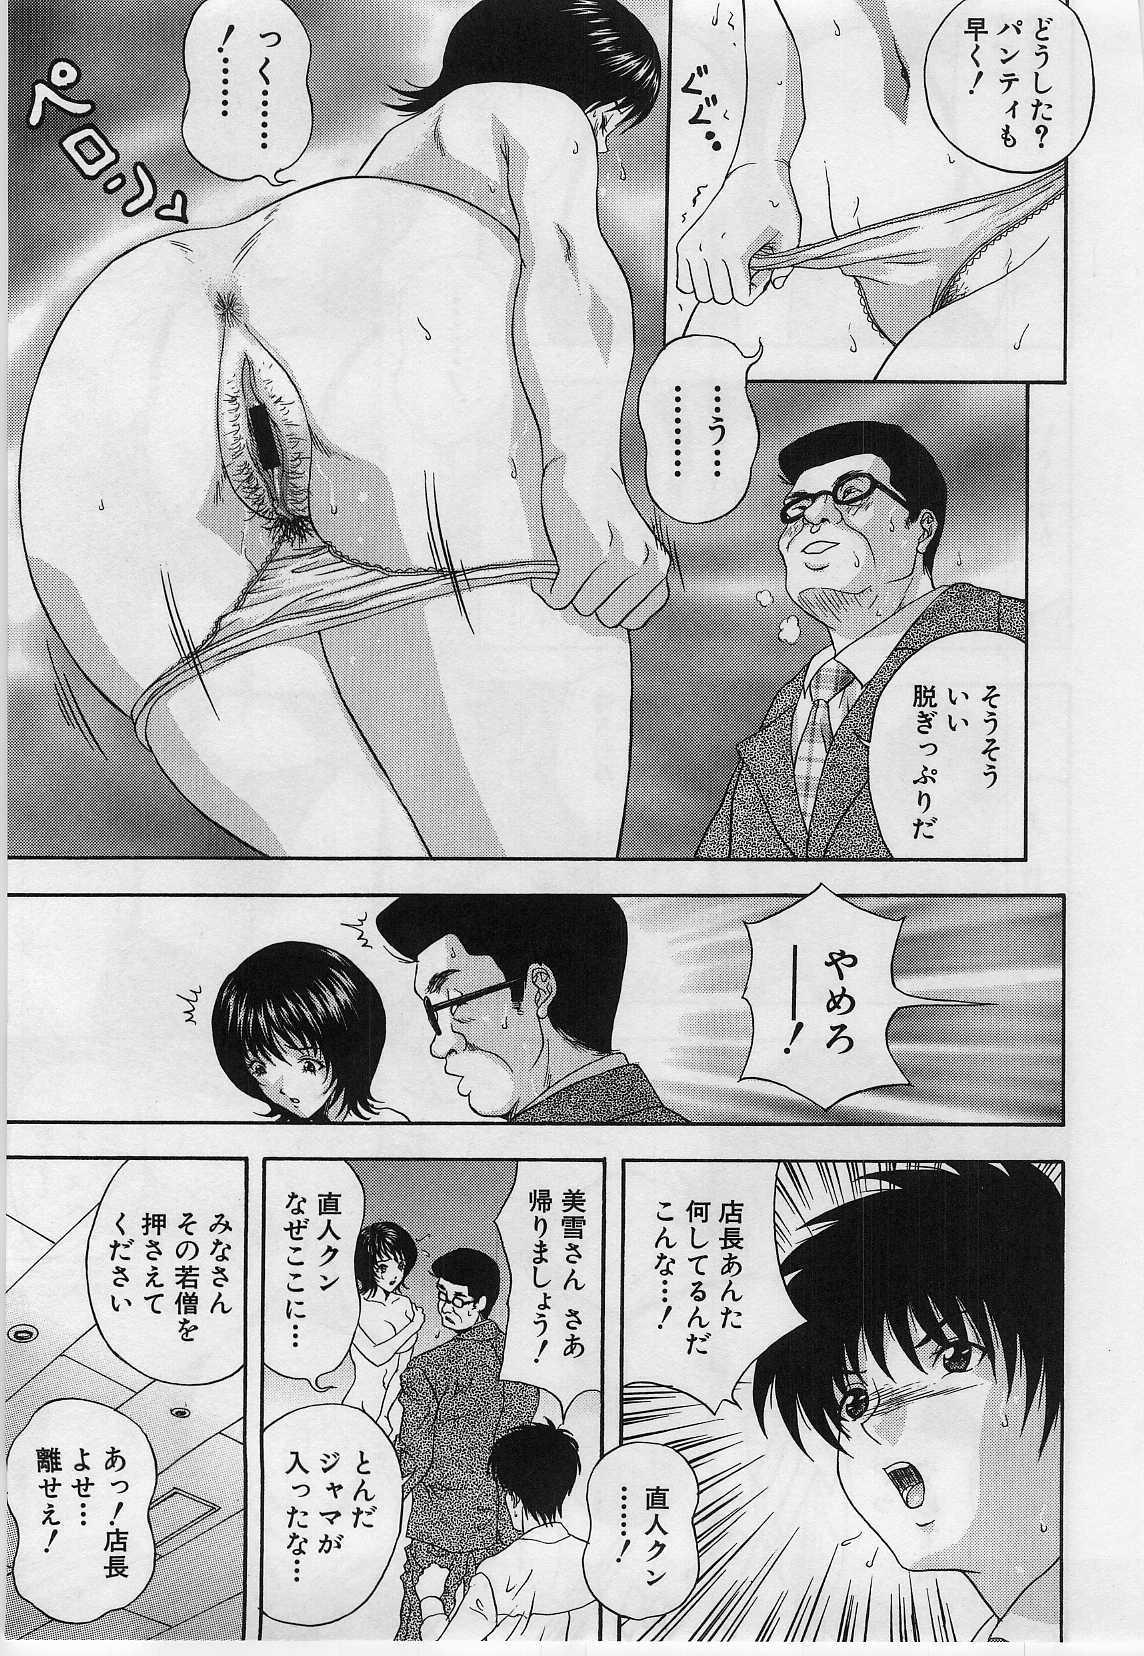 Yokubou no Hako - The Box of the Desire 90